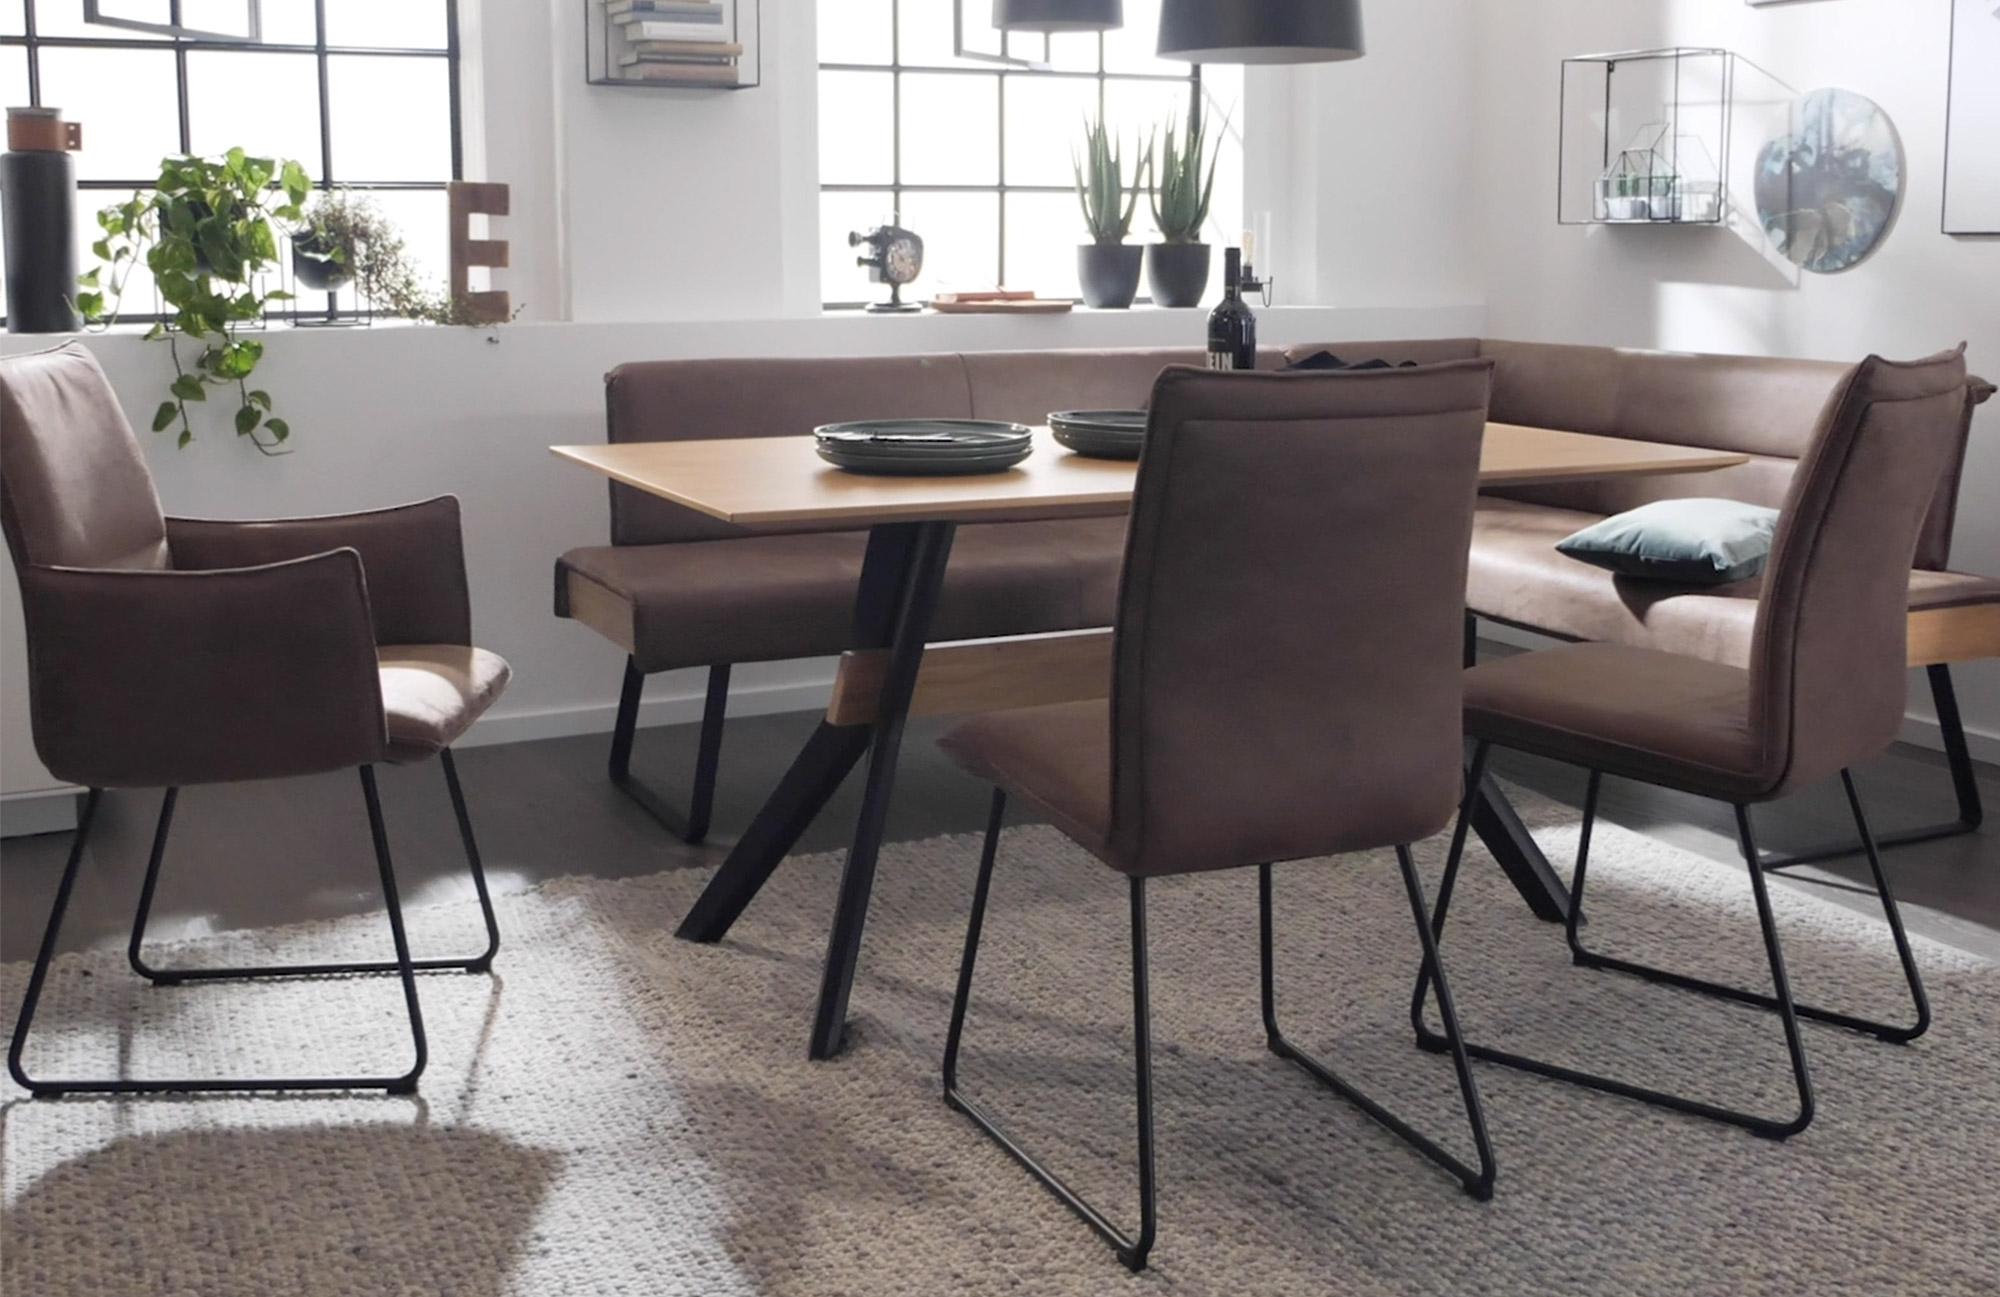 Stuhl und bank braun tisch mit holz optik Interliving bei Wohn Schick